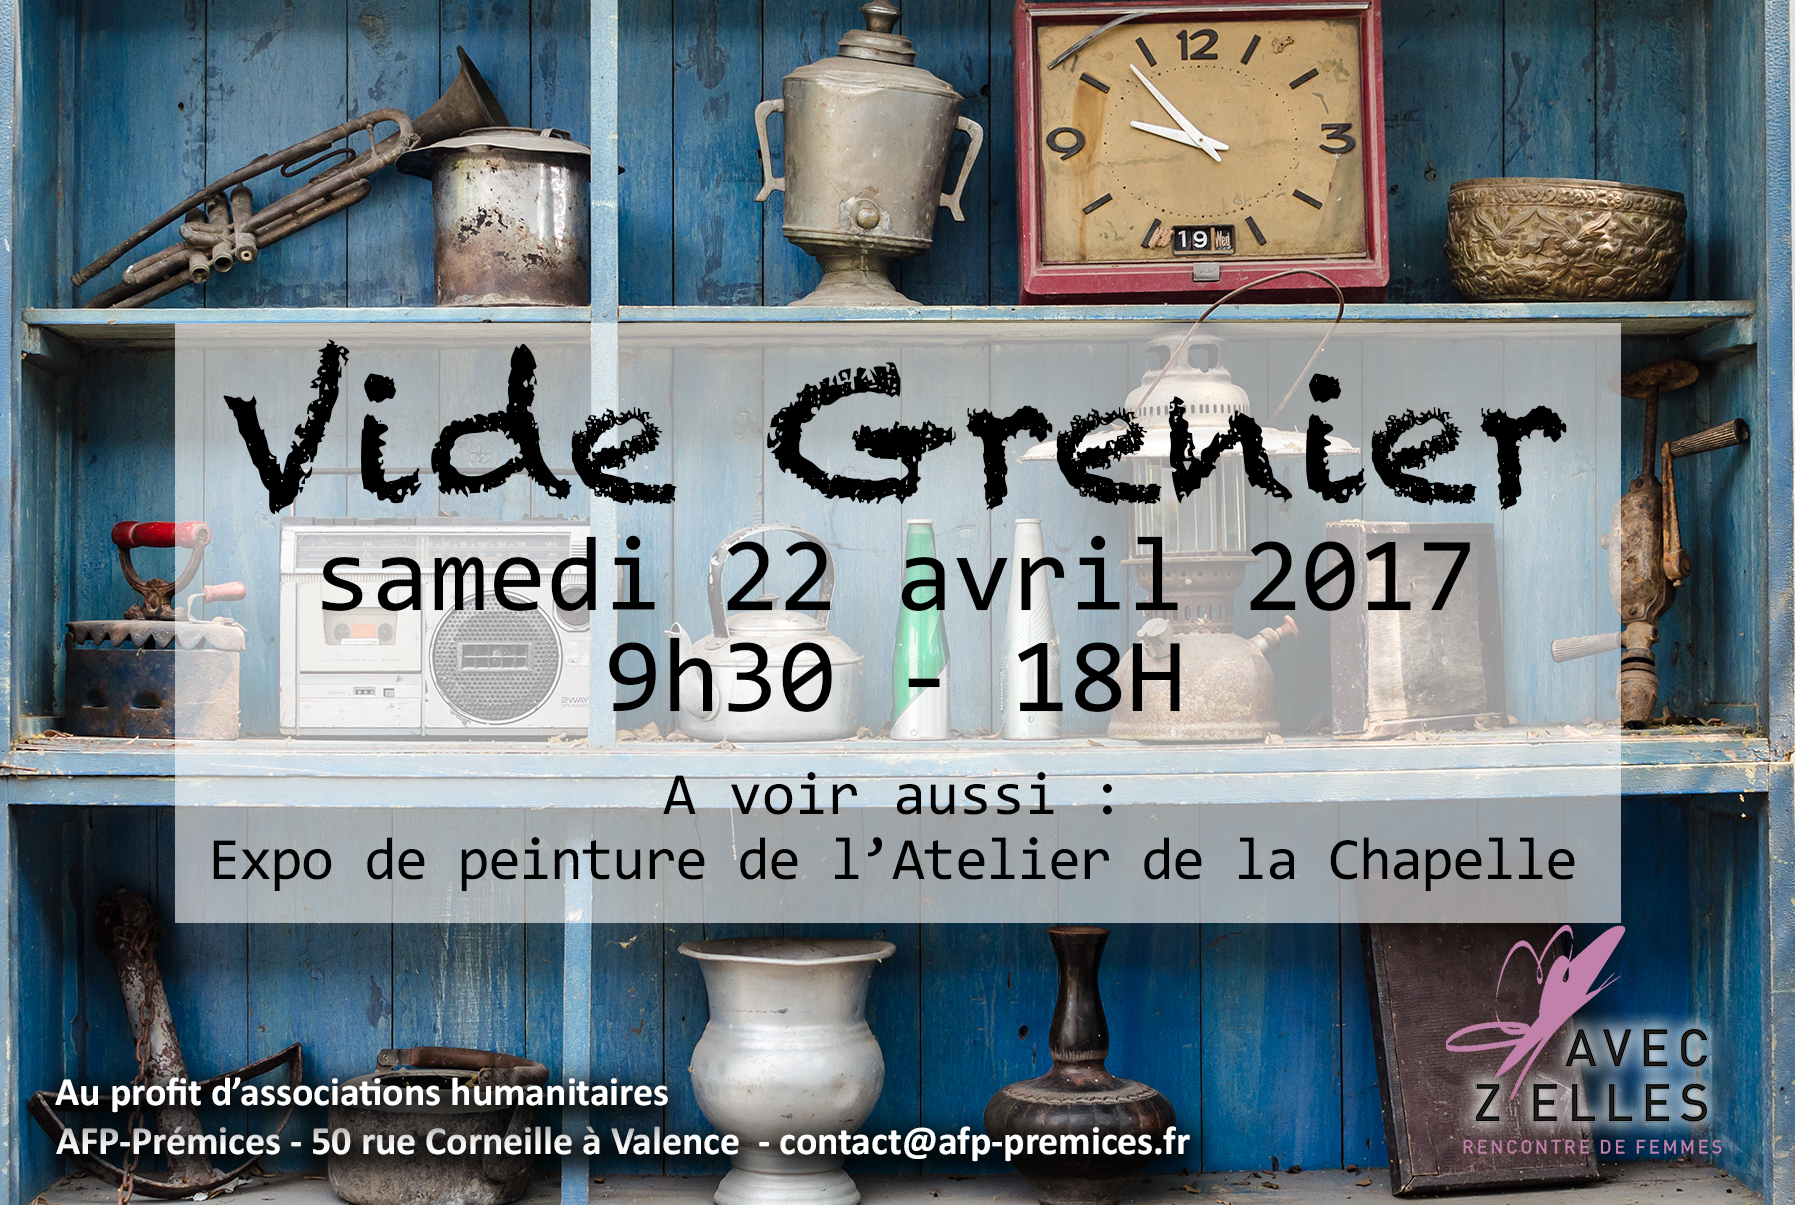 Vide grenier solidaire le 22 avril 2017 la chapelle m eglise evang lique - Vide grenier dans l yonne ce week end ...